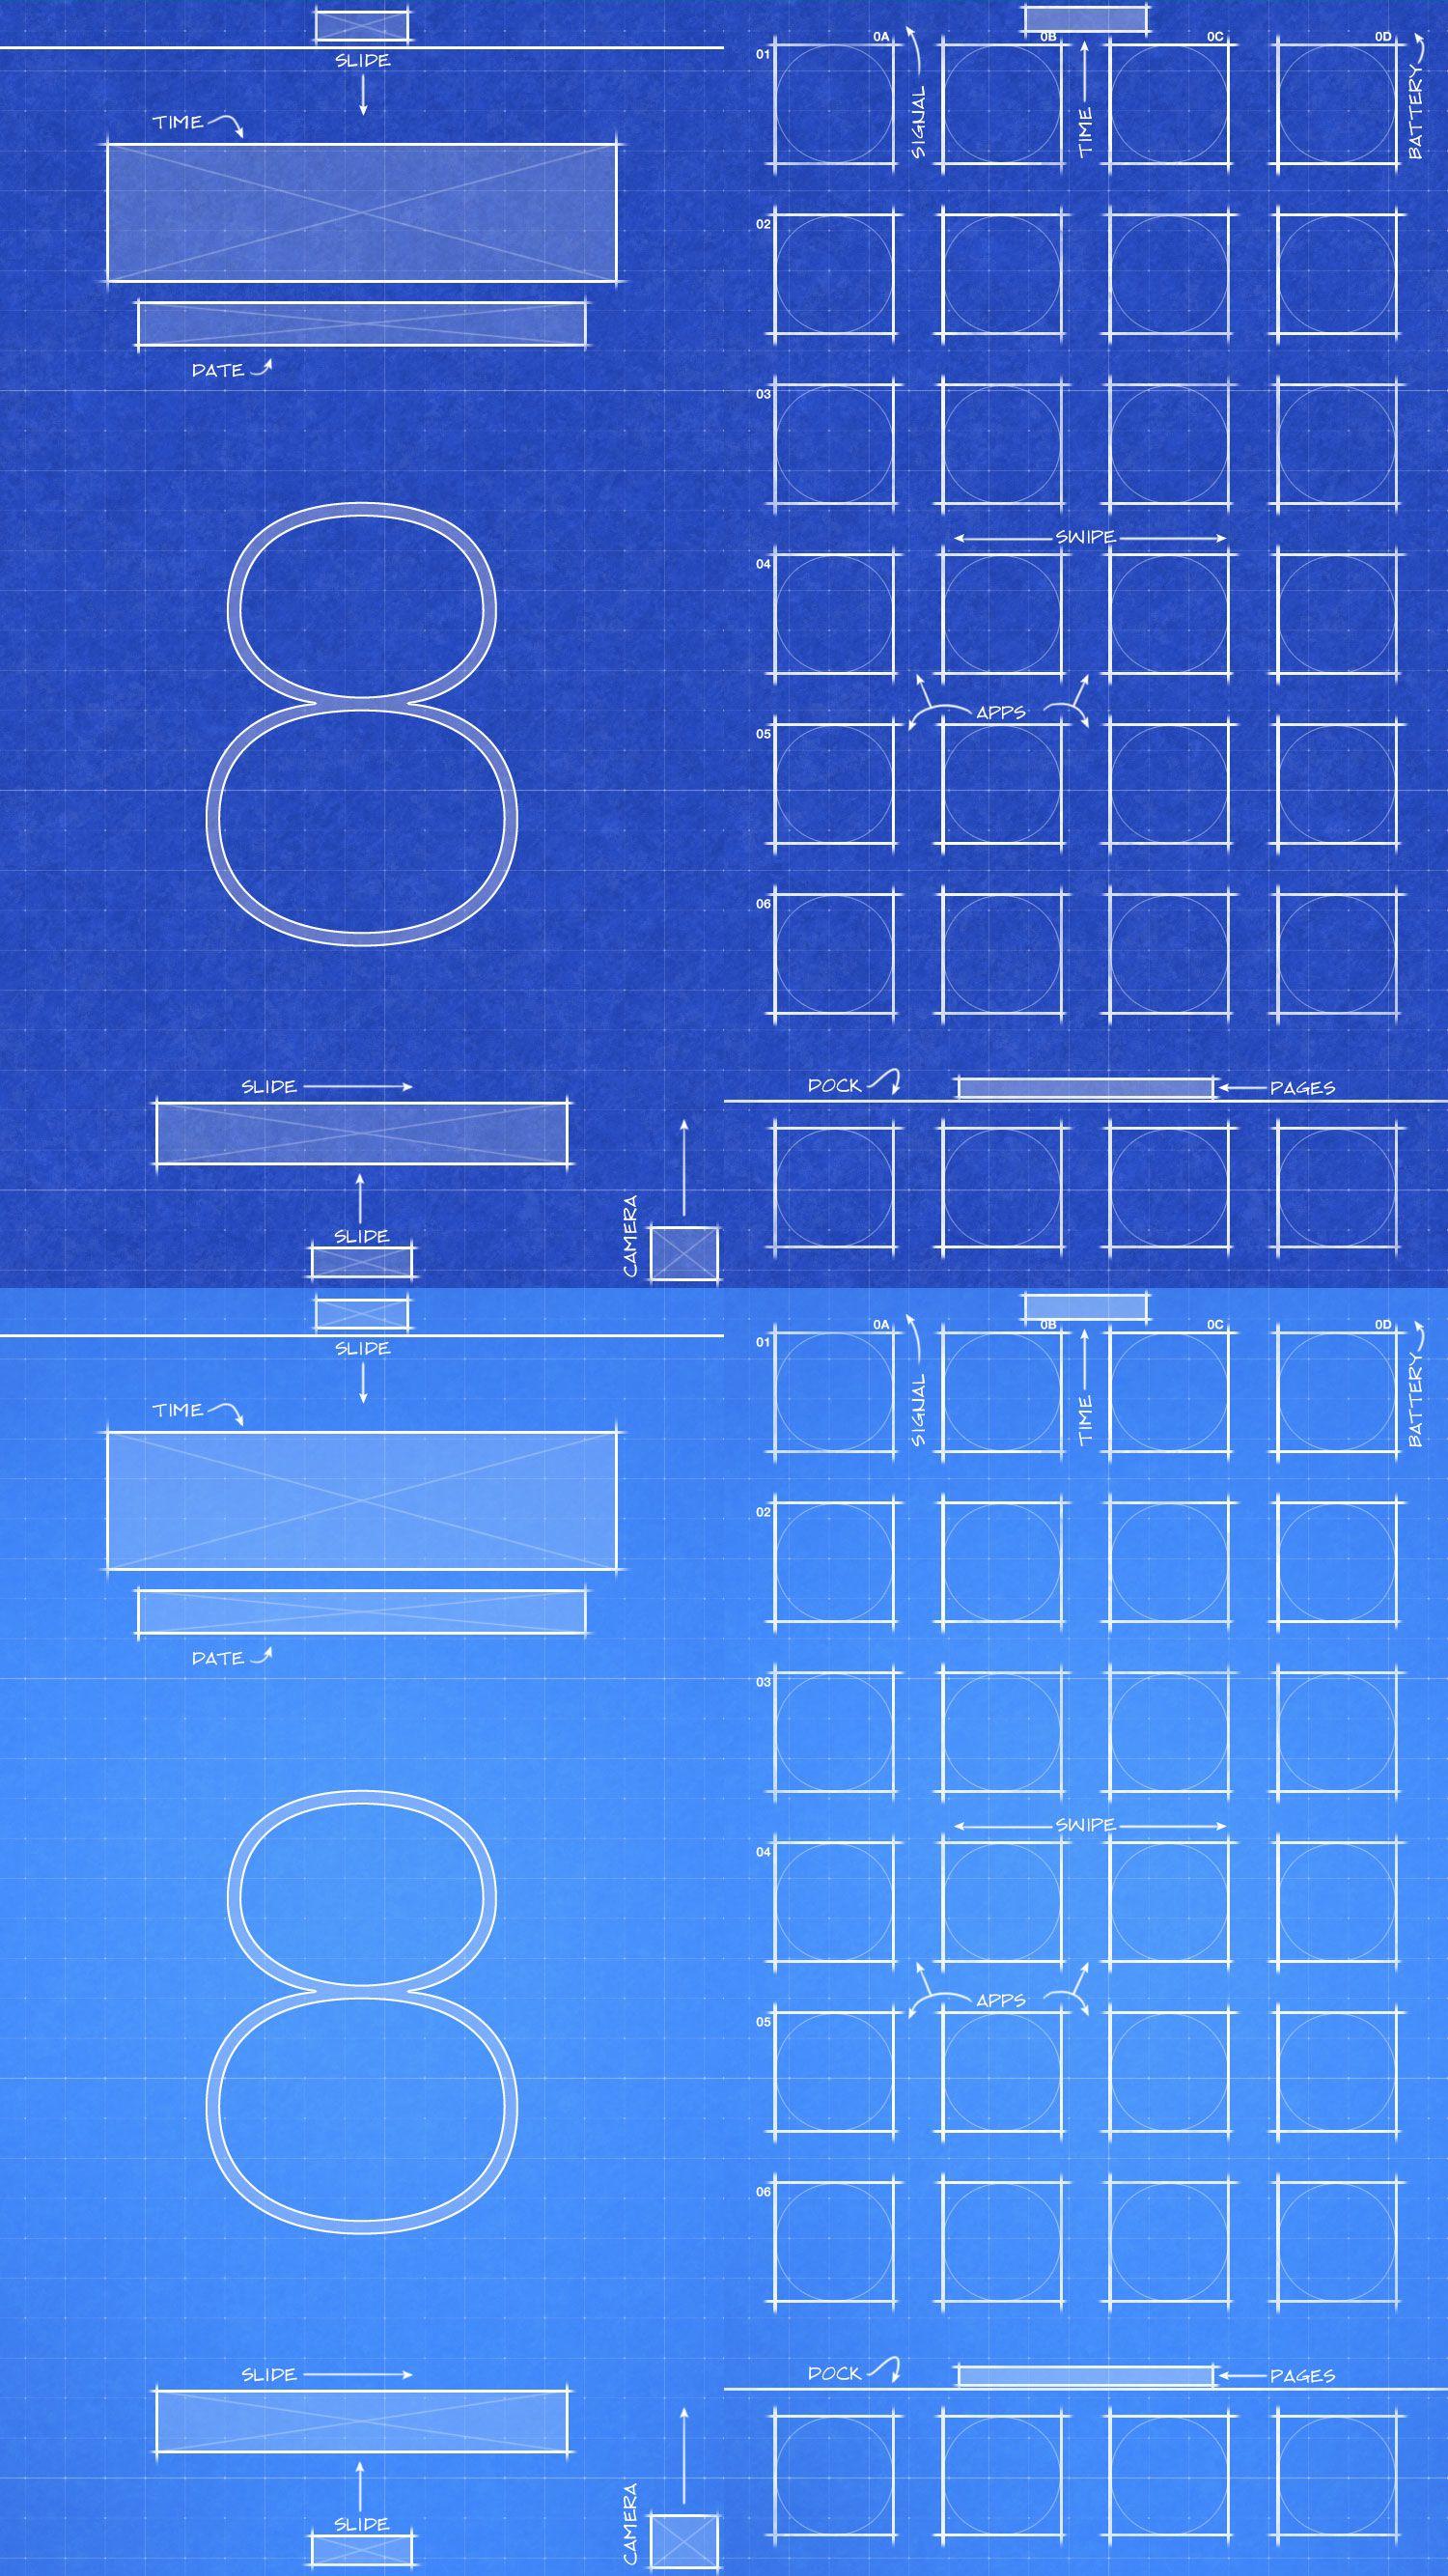 iphone 6 ios8 blueprint wallpaper by jessemunoz deviantart com on deviantart